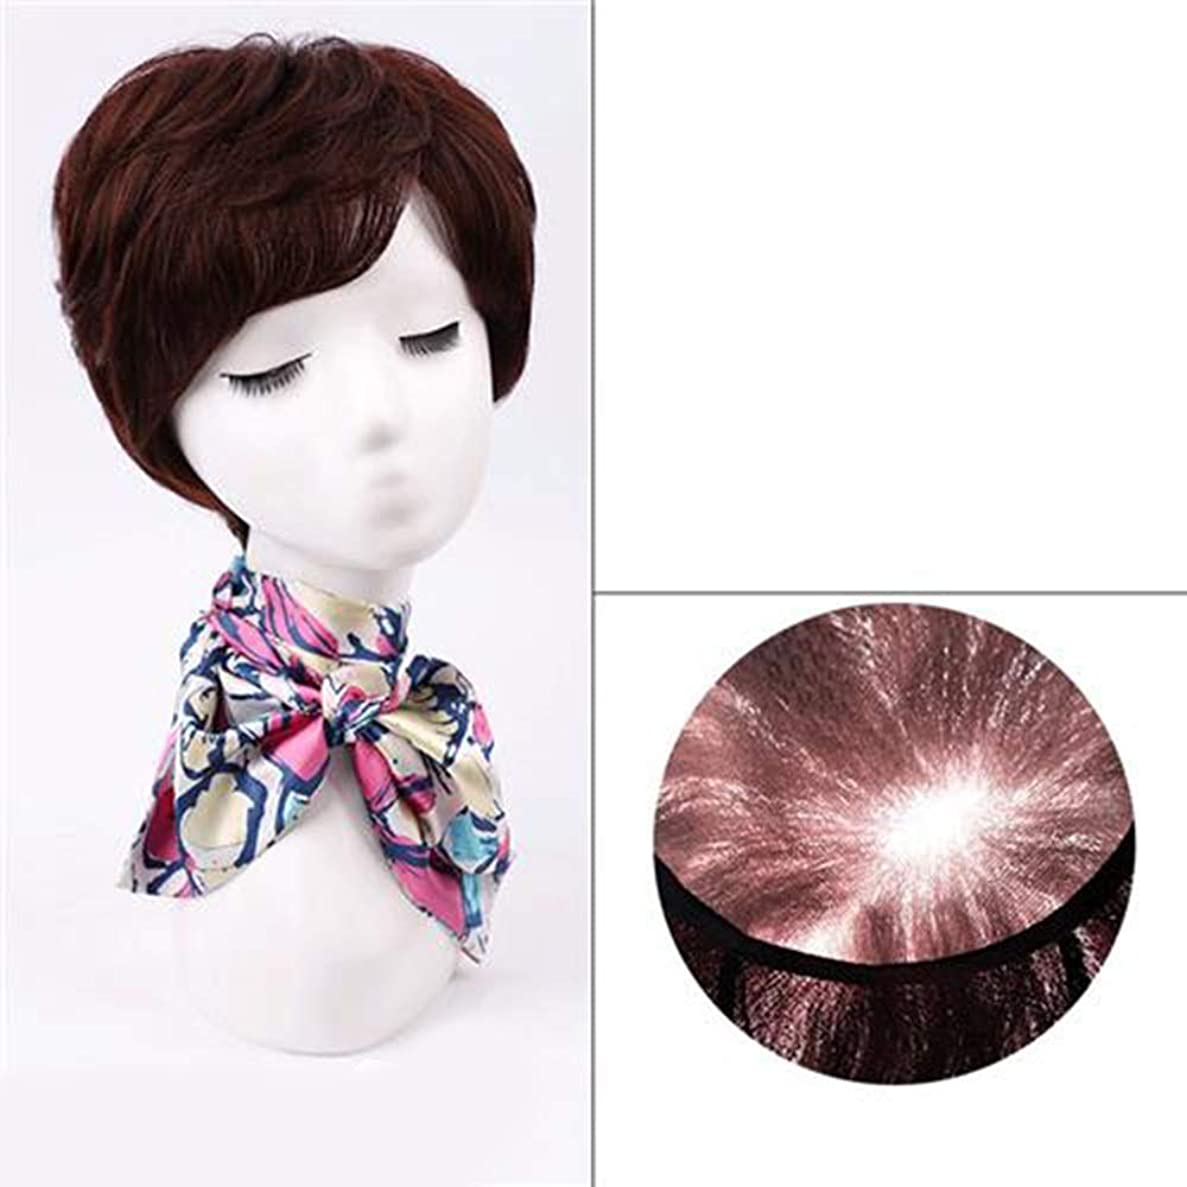 拡張災害クリークYESONEEP 女性のファッションかつらのための前髪付き天然毛エクステンション短く本物の髪のかつら (Color : Natural black)